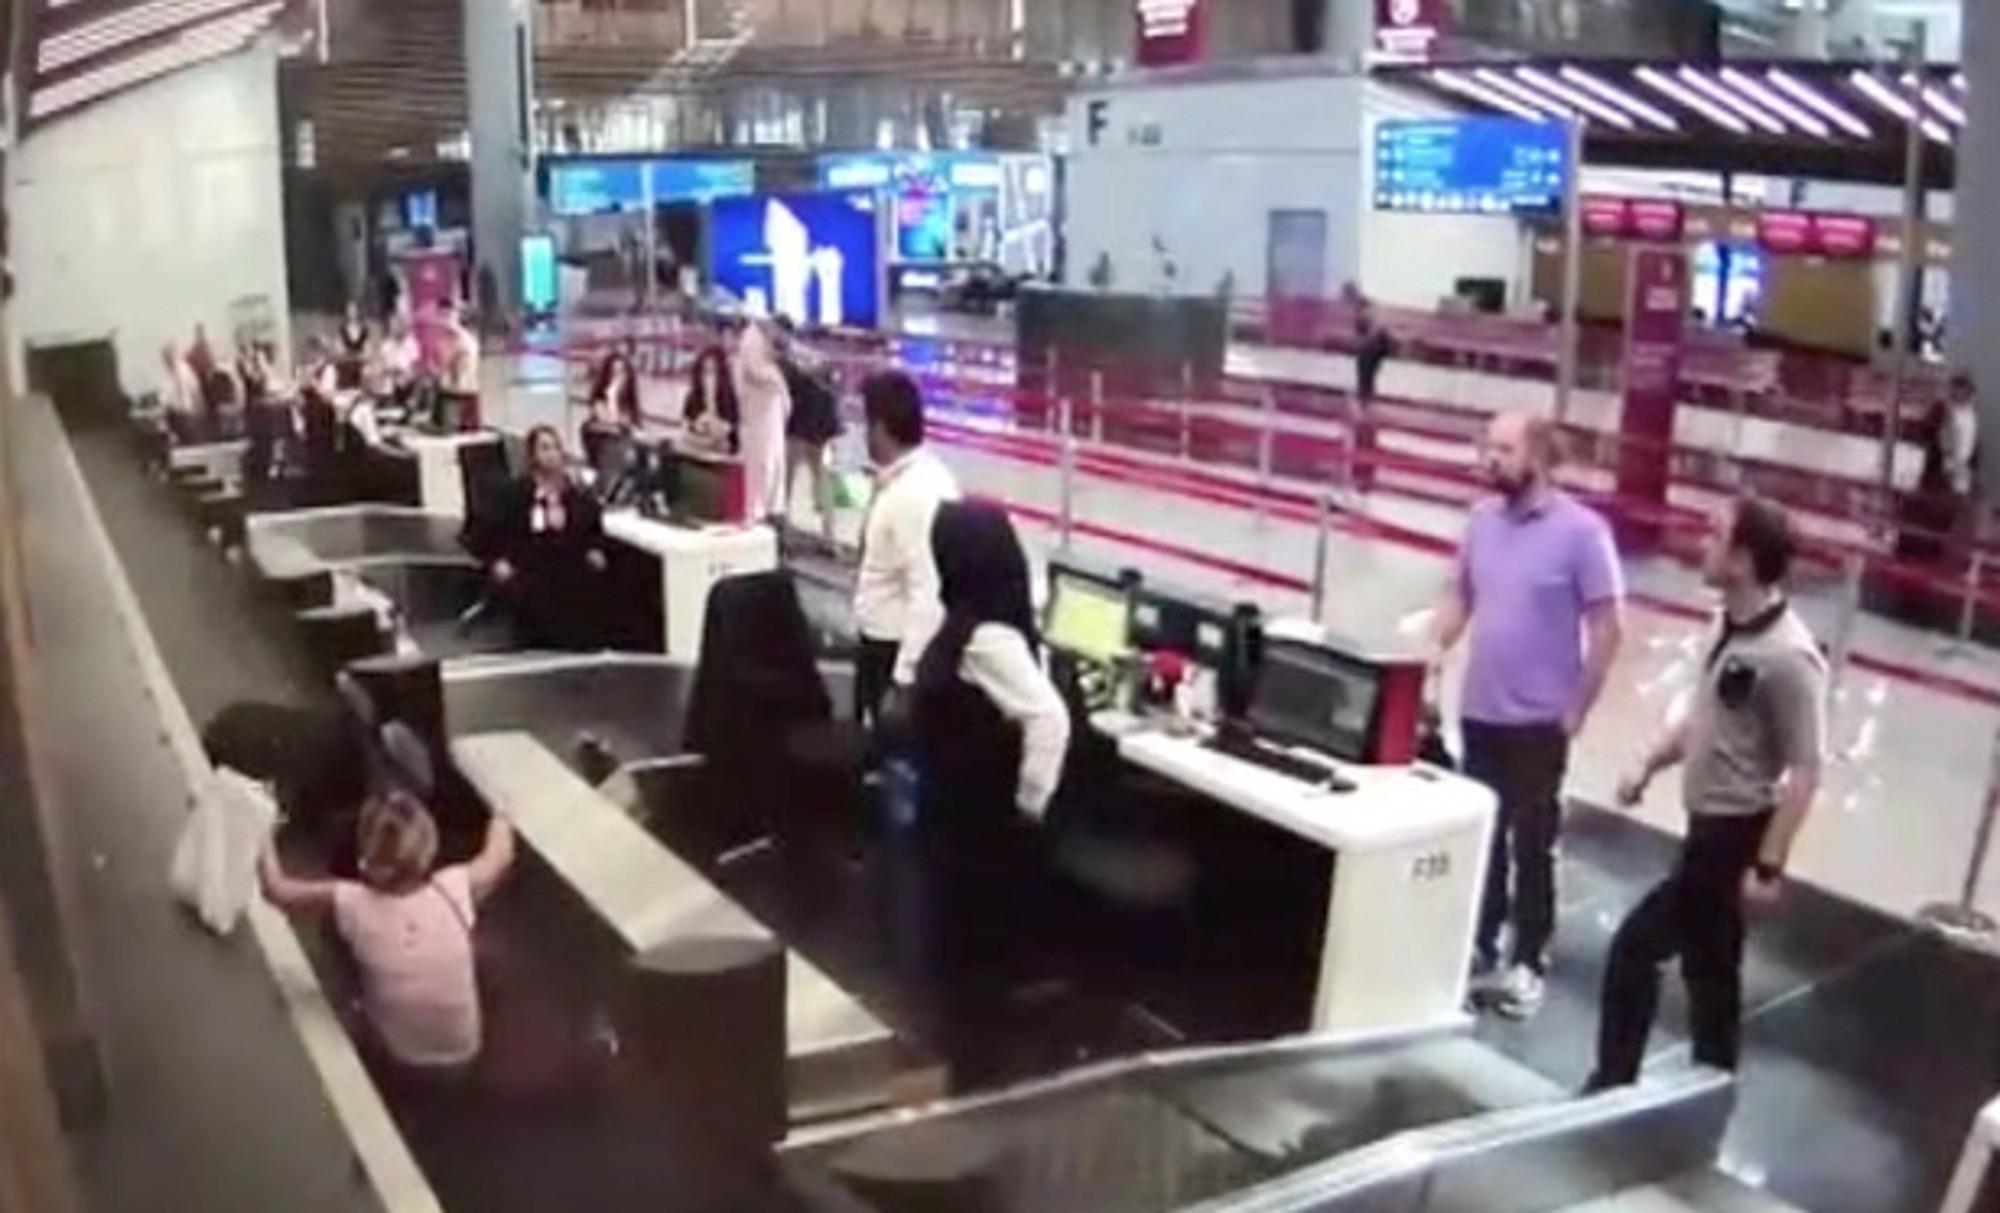 第一次搭飛機「誤認行李輸送帶是入口」 女子「跌坐過程」監視器全拍下 - 爆新聞